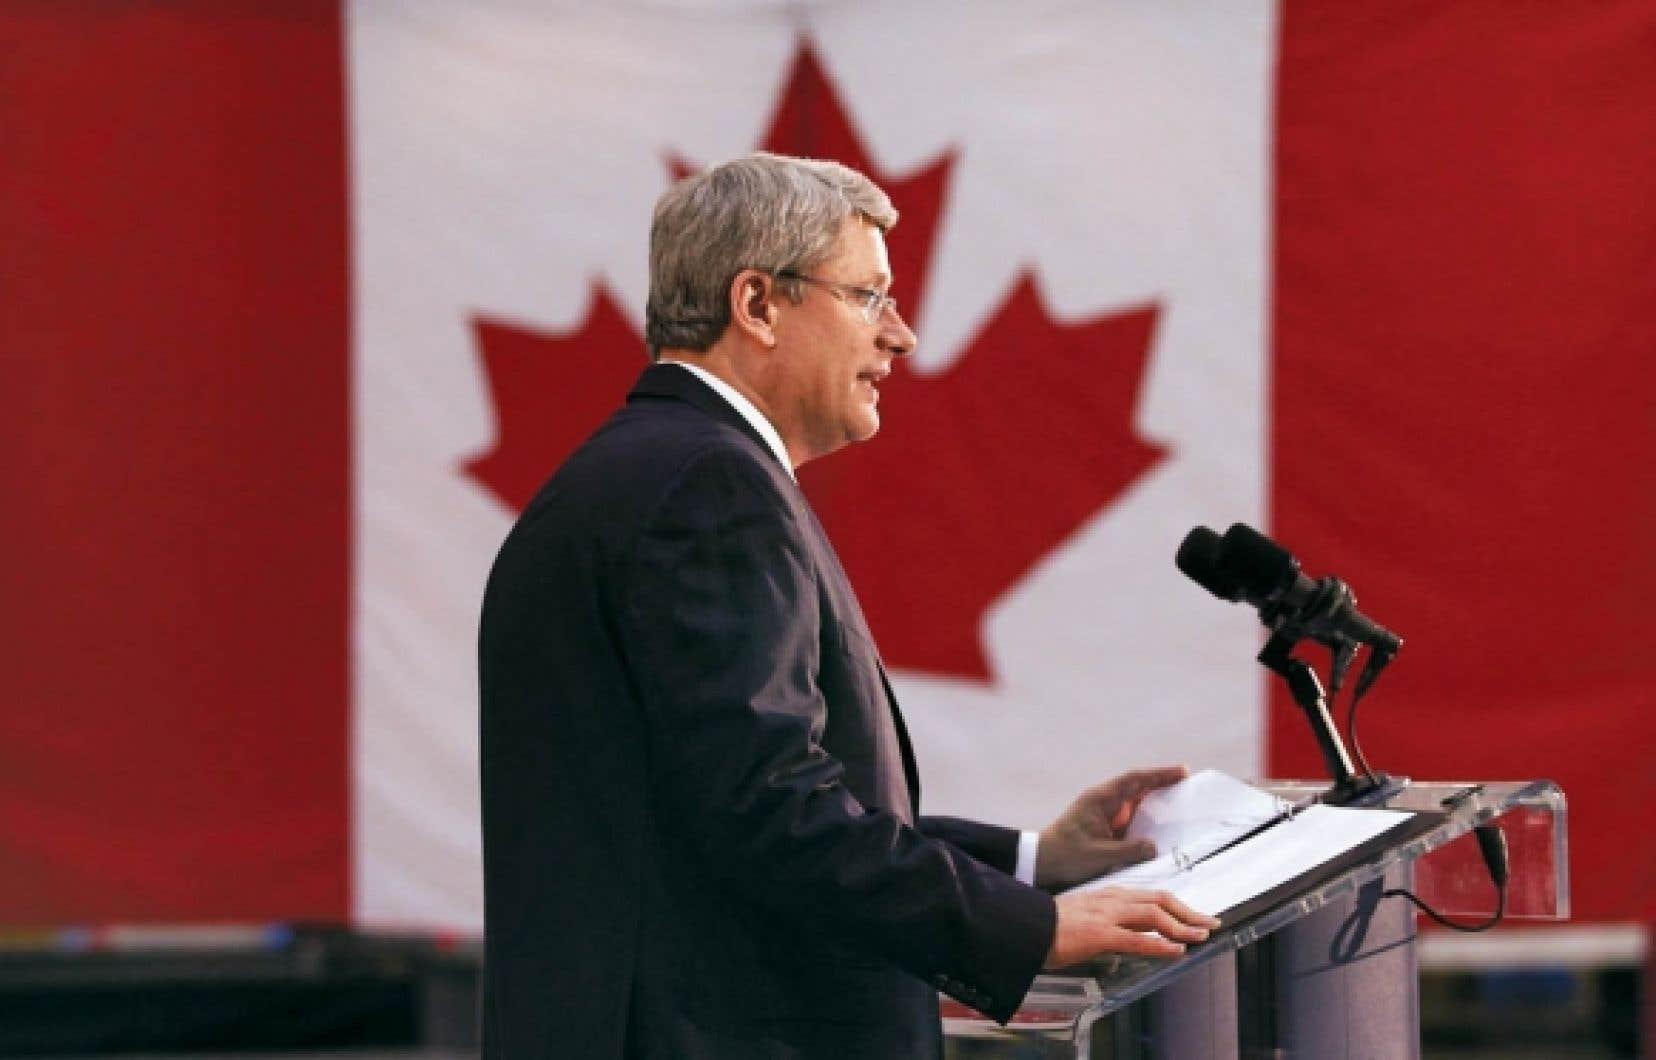 Le fossé s'élargit sans cesse entre les visions progressiste et conservatrice de la société, particulièrement au Québec, où l'on ne reconnaît pas la façon dont Stephen Harper transforme le Canada.<br />